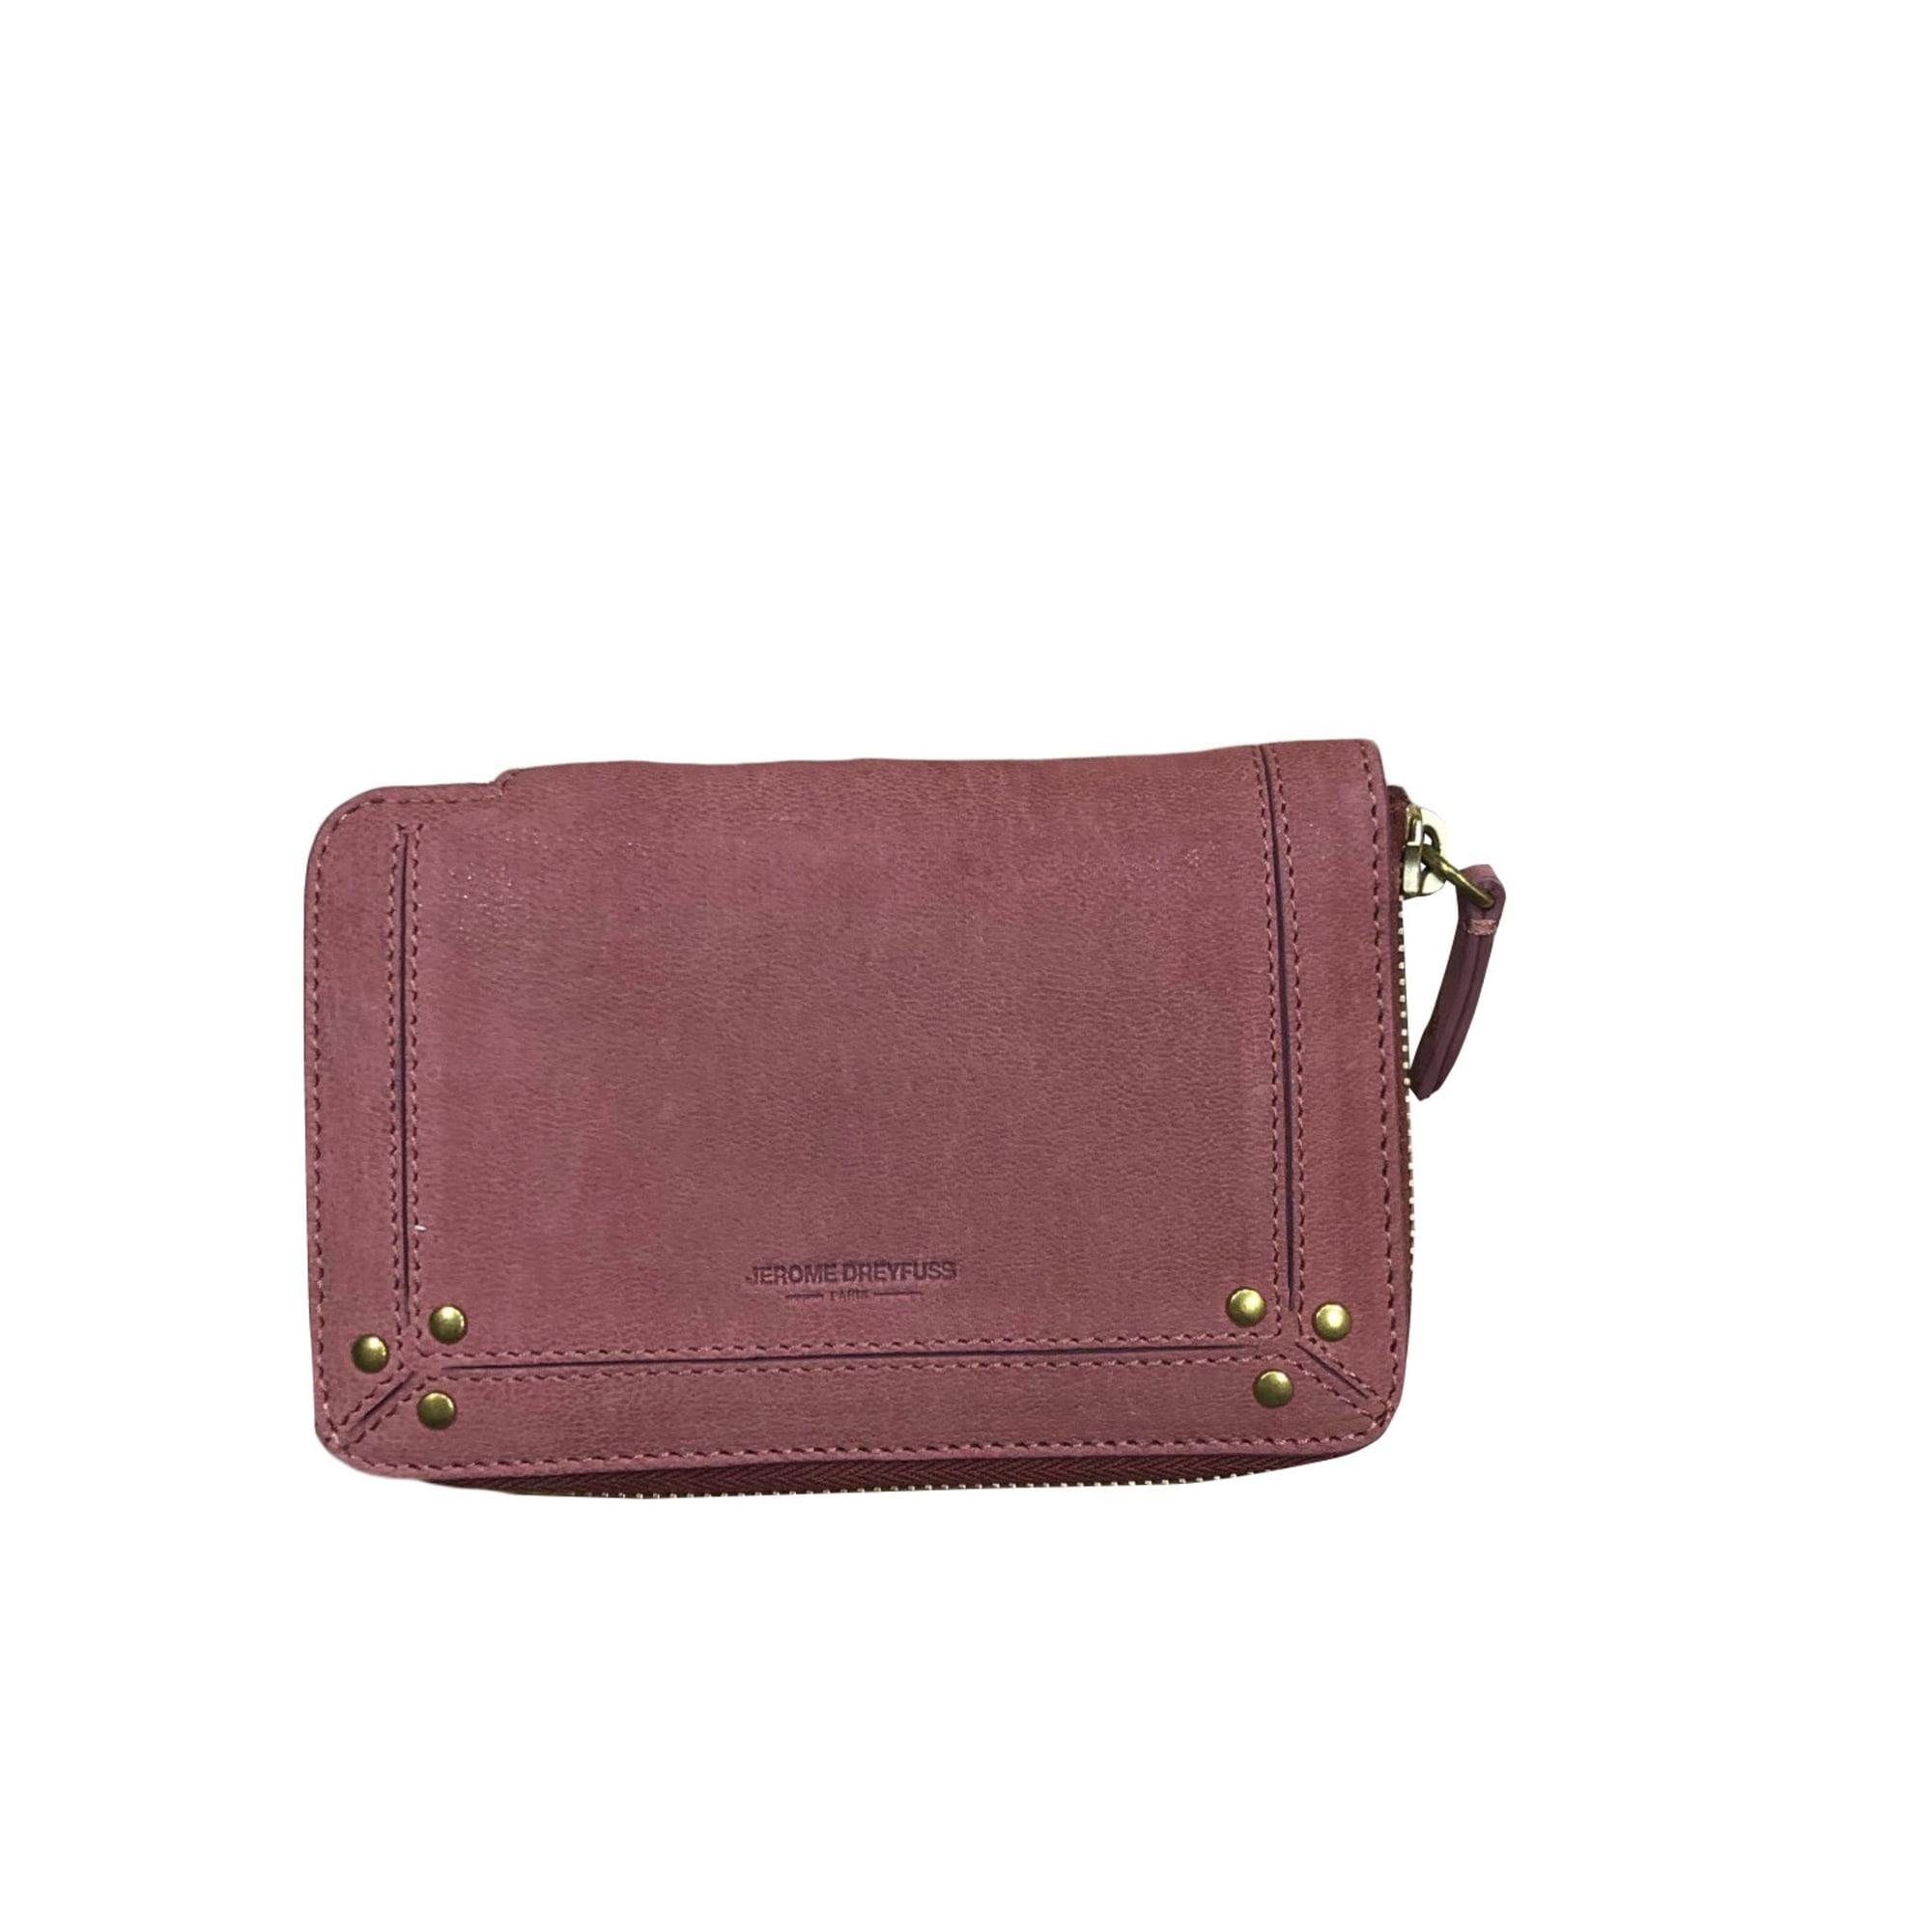 Wallet JEROME DREYFUSS Pink, fuchsia, light pink